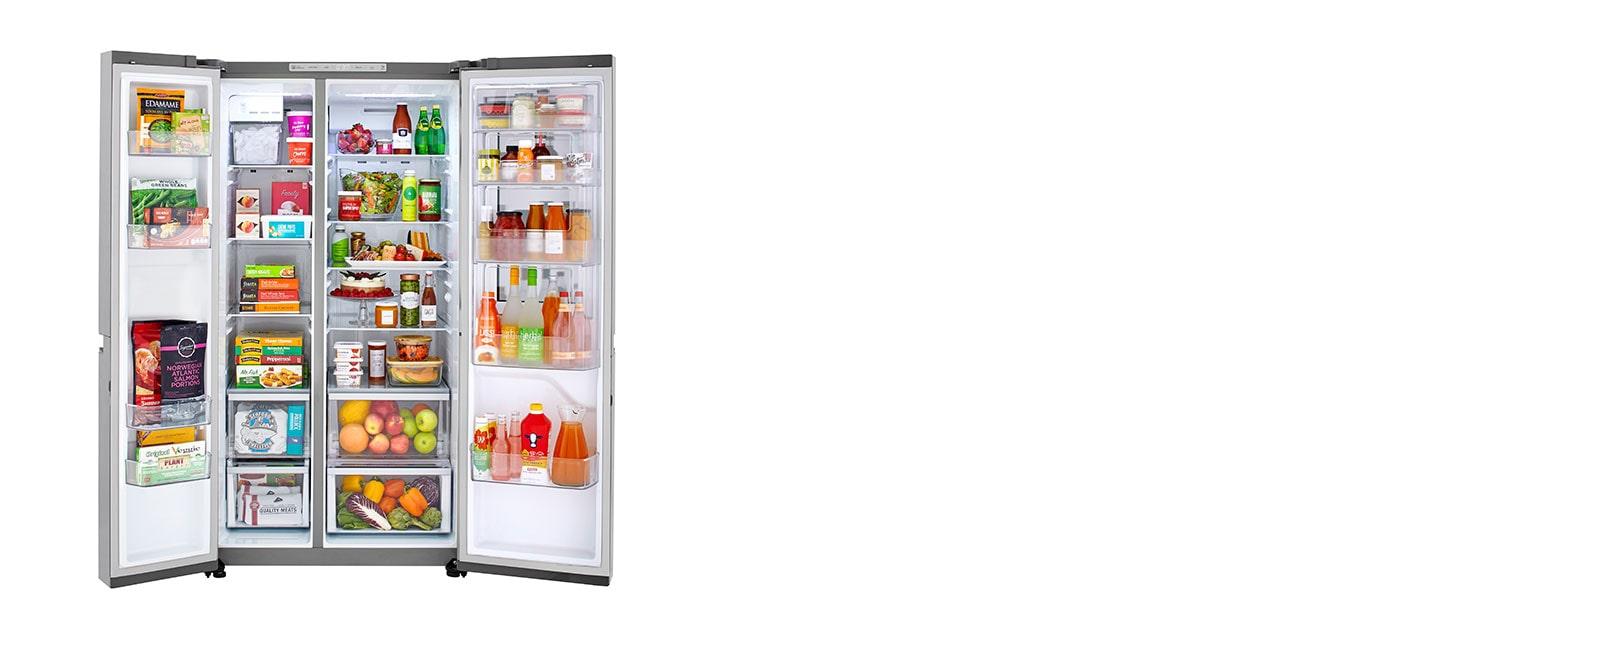 LG LRSES2706V refrigerator interior capacity